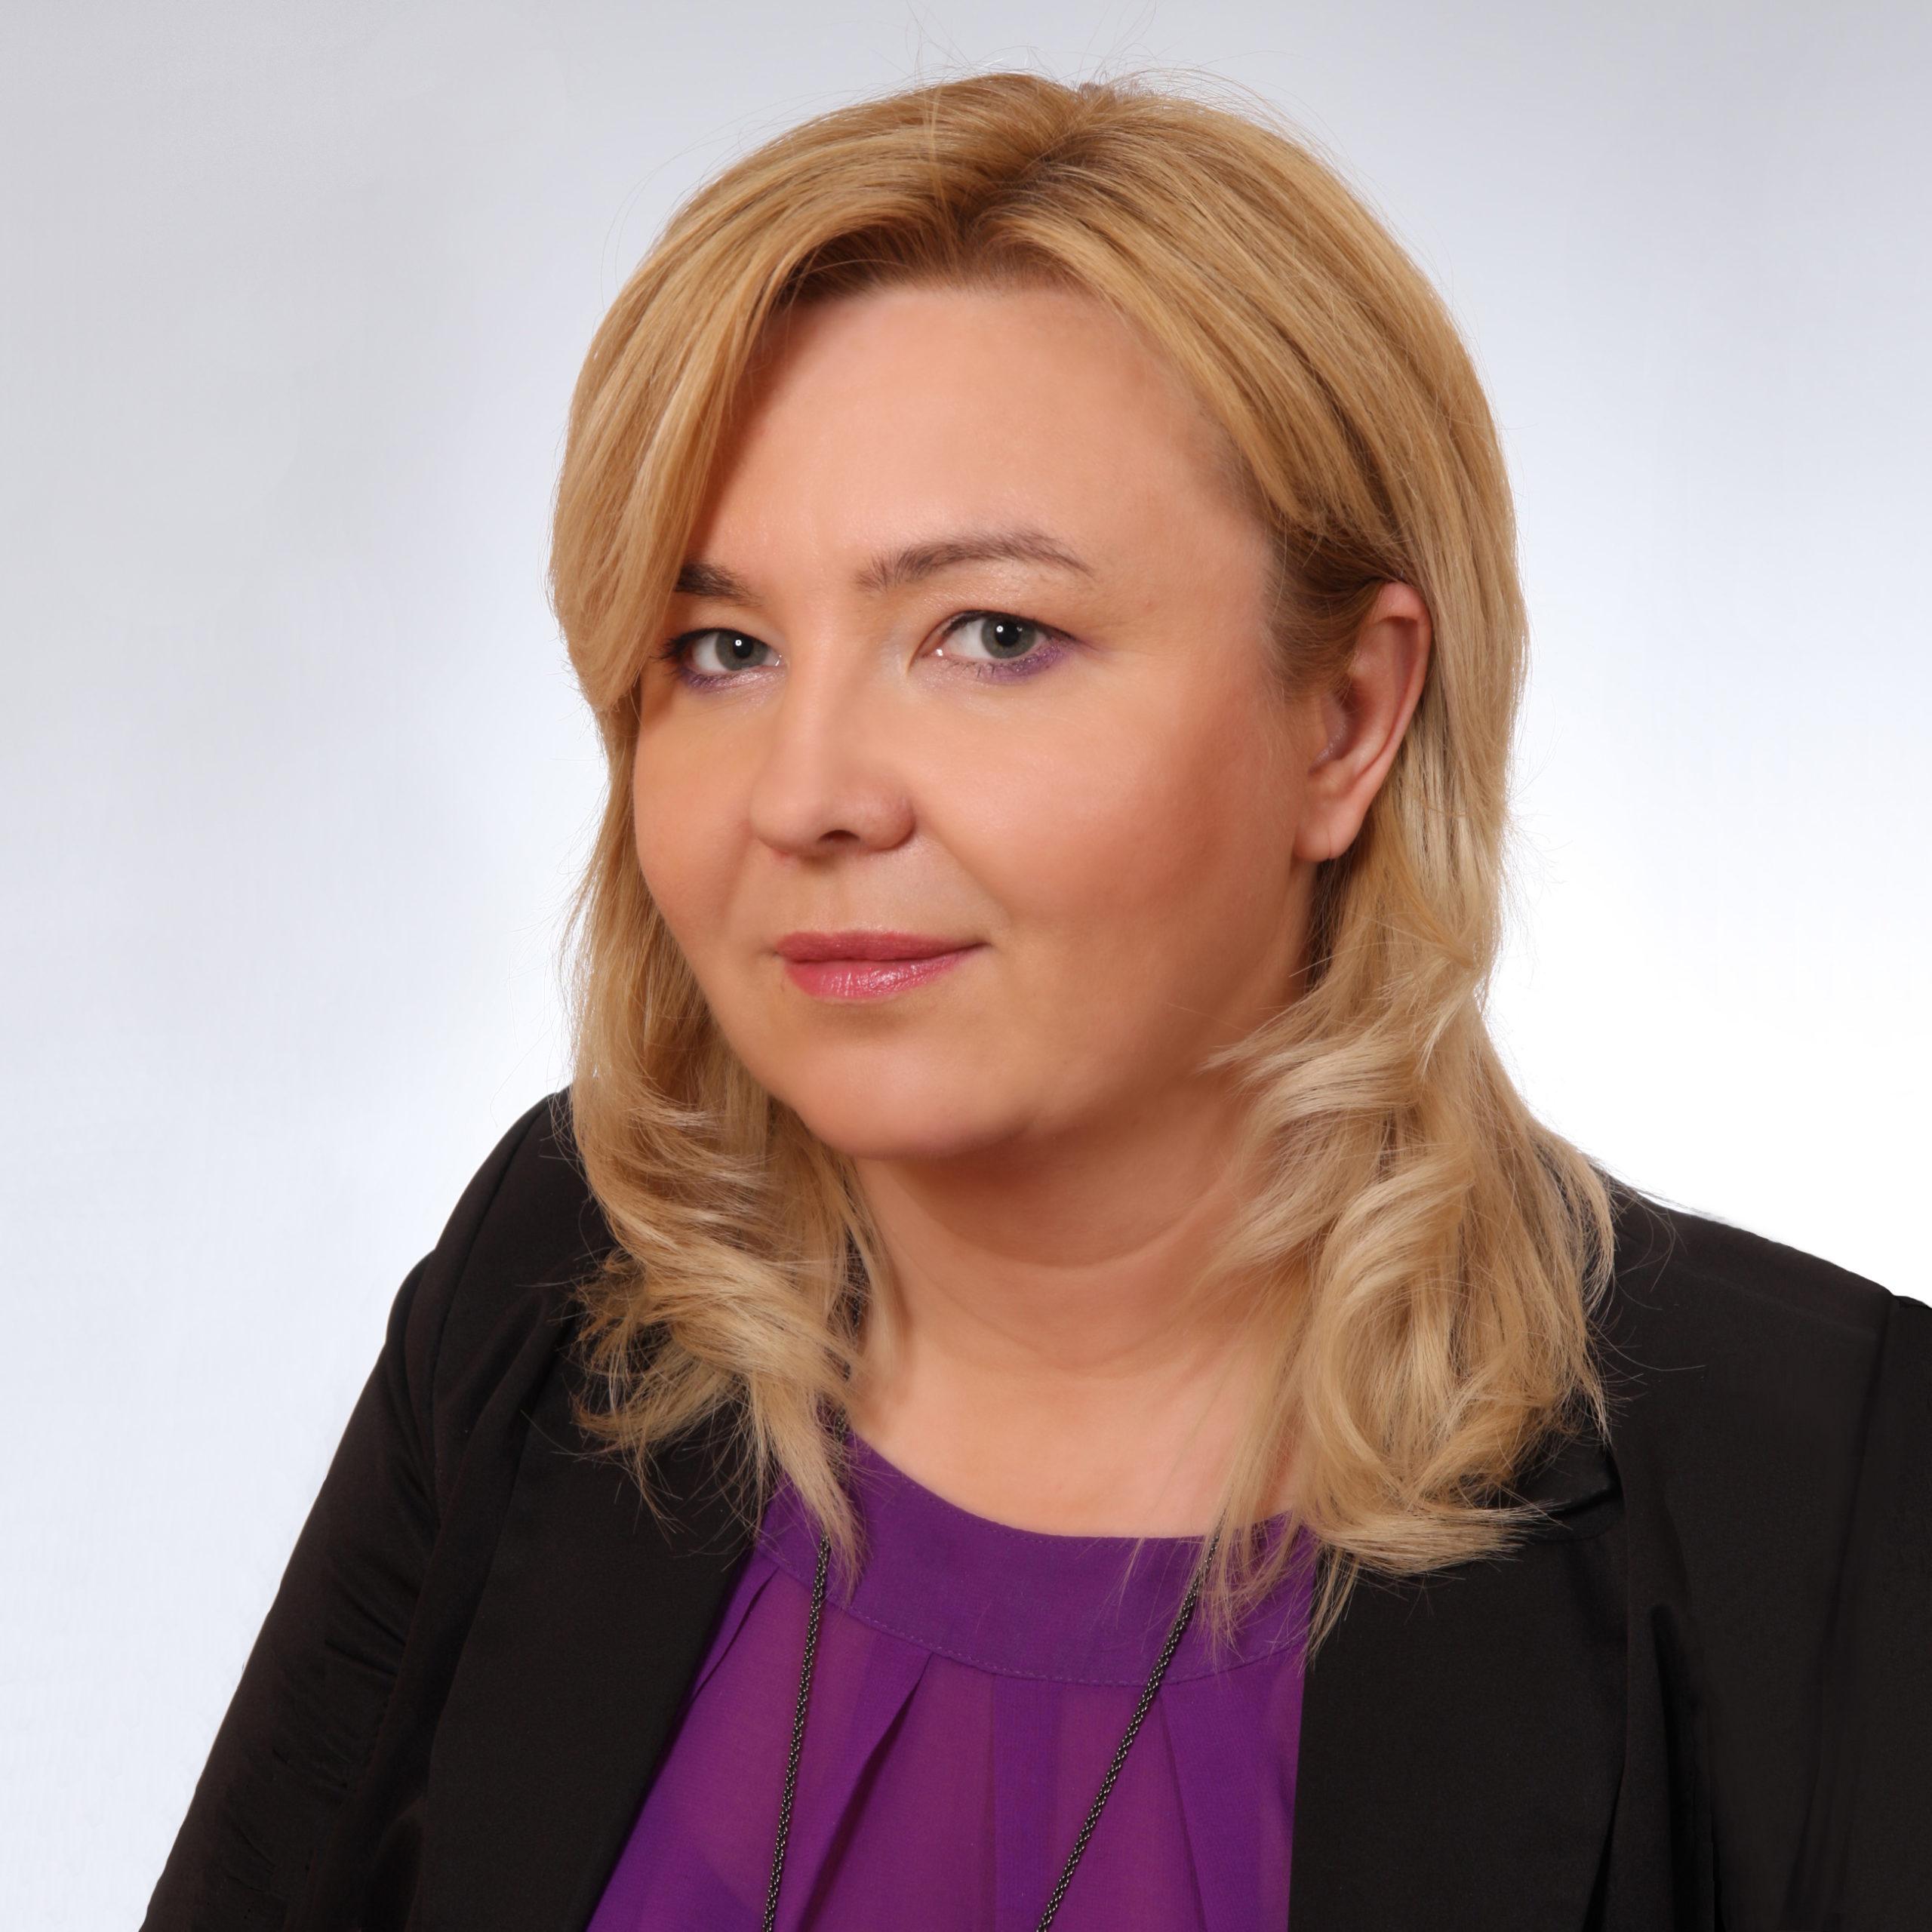 Сильвія Кох-Копишко